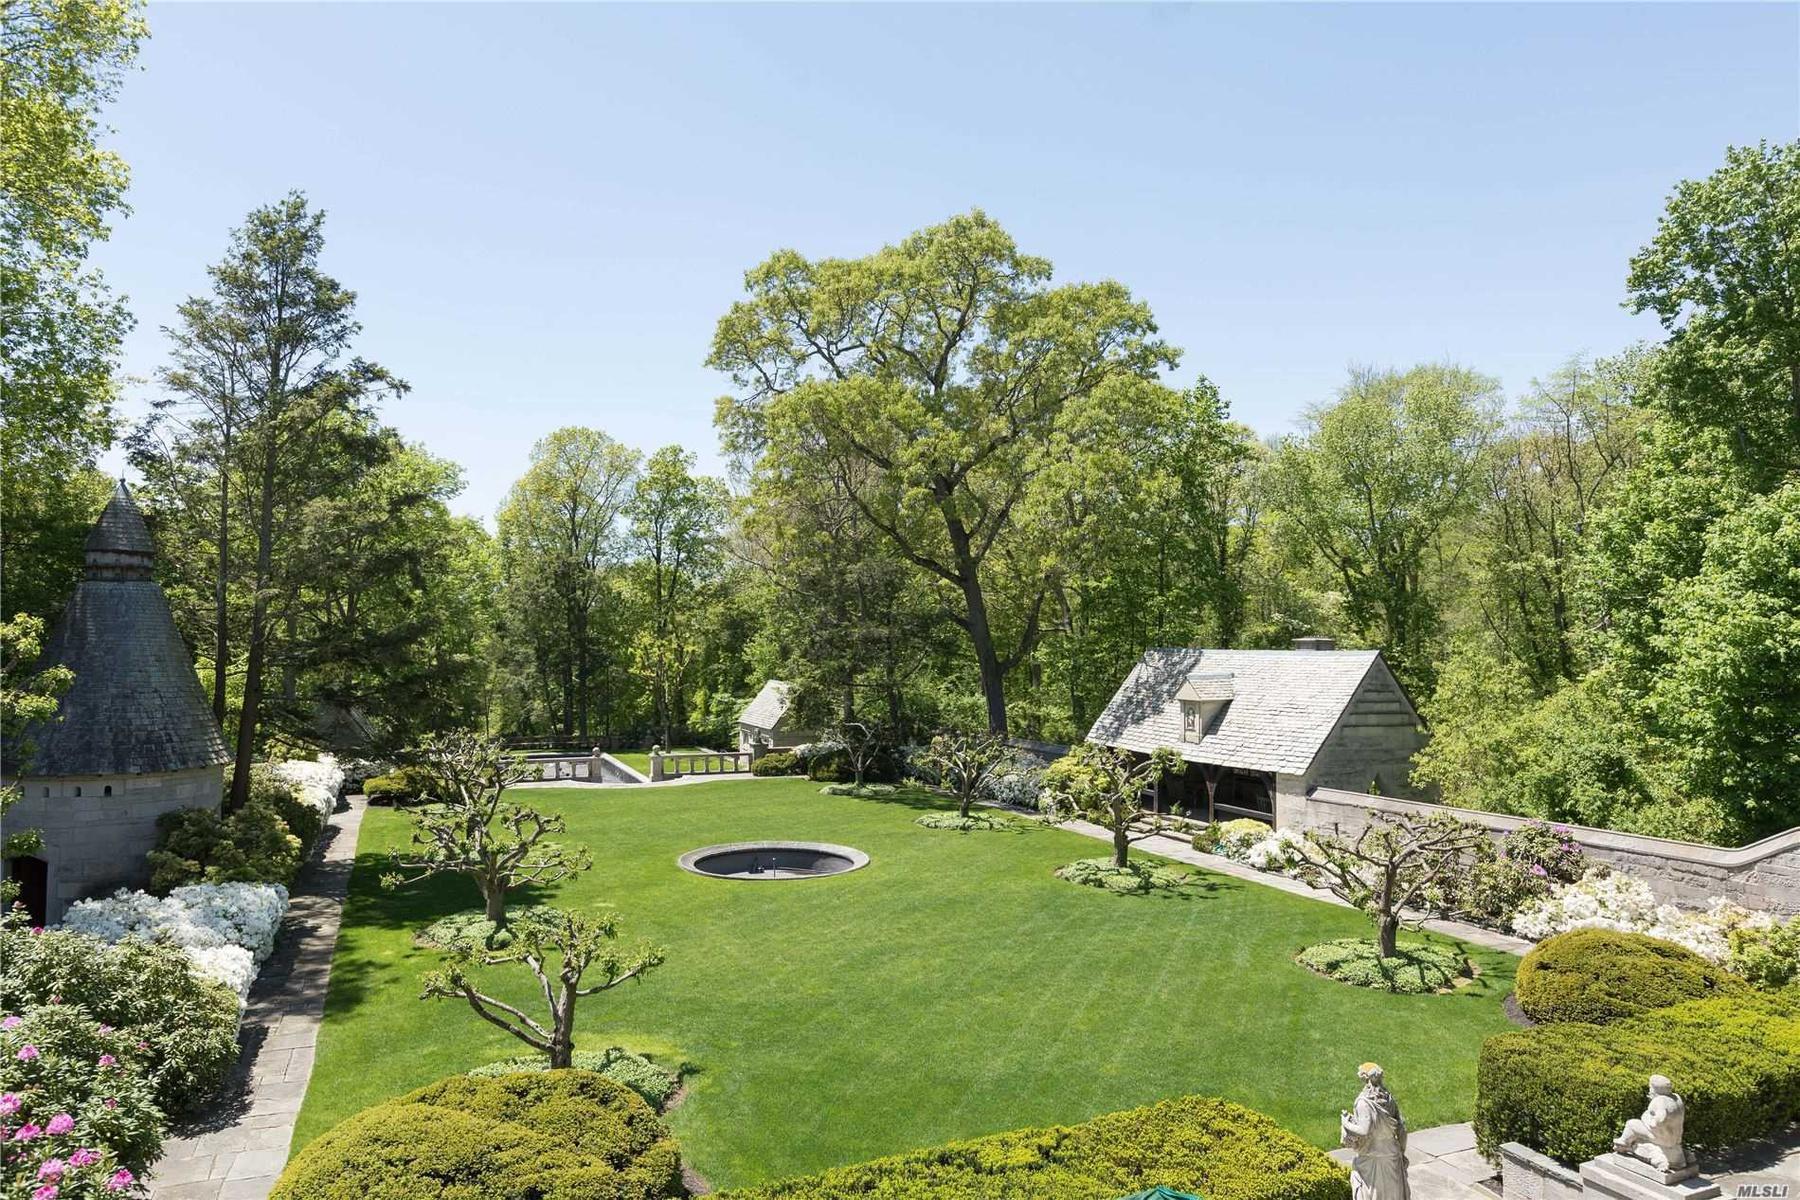 Main Garden/Tea House/Dove Cote